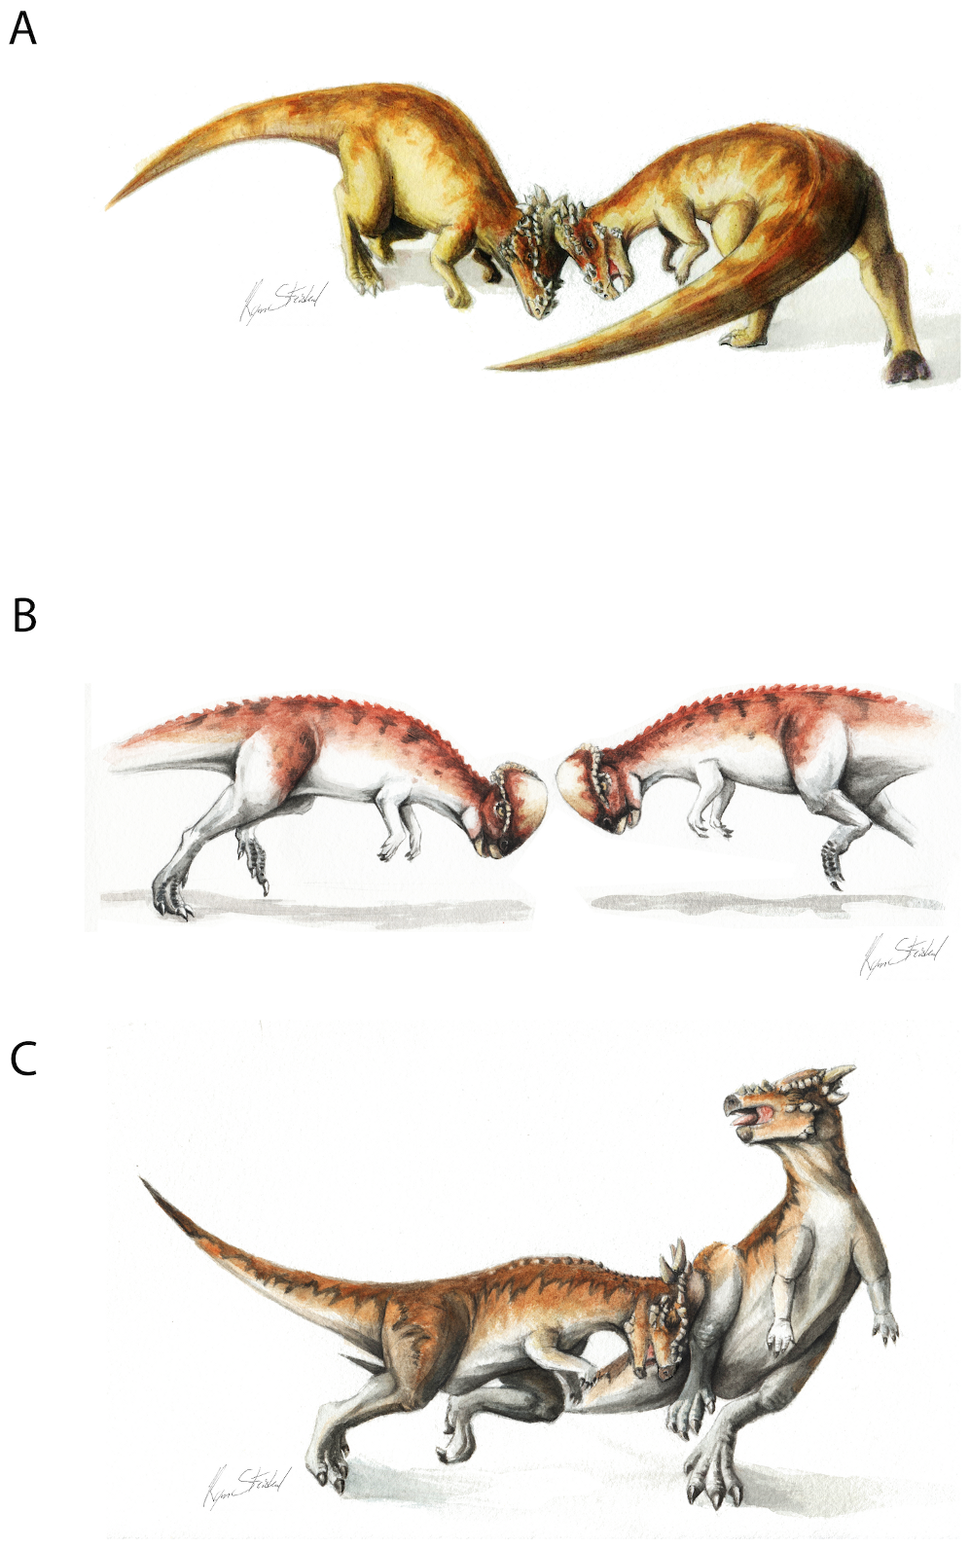 Pachycephalosauridae head butting